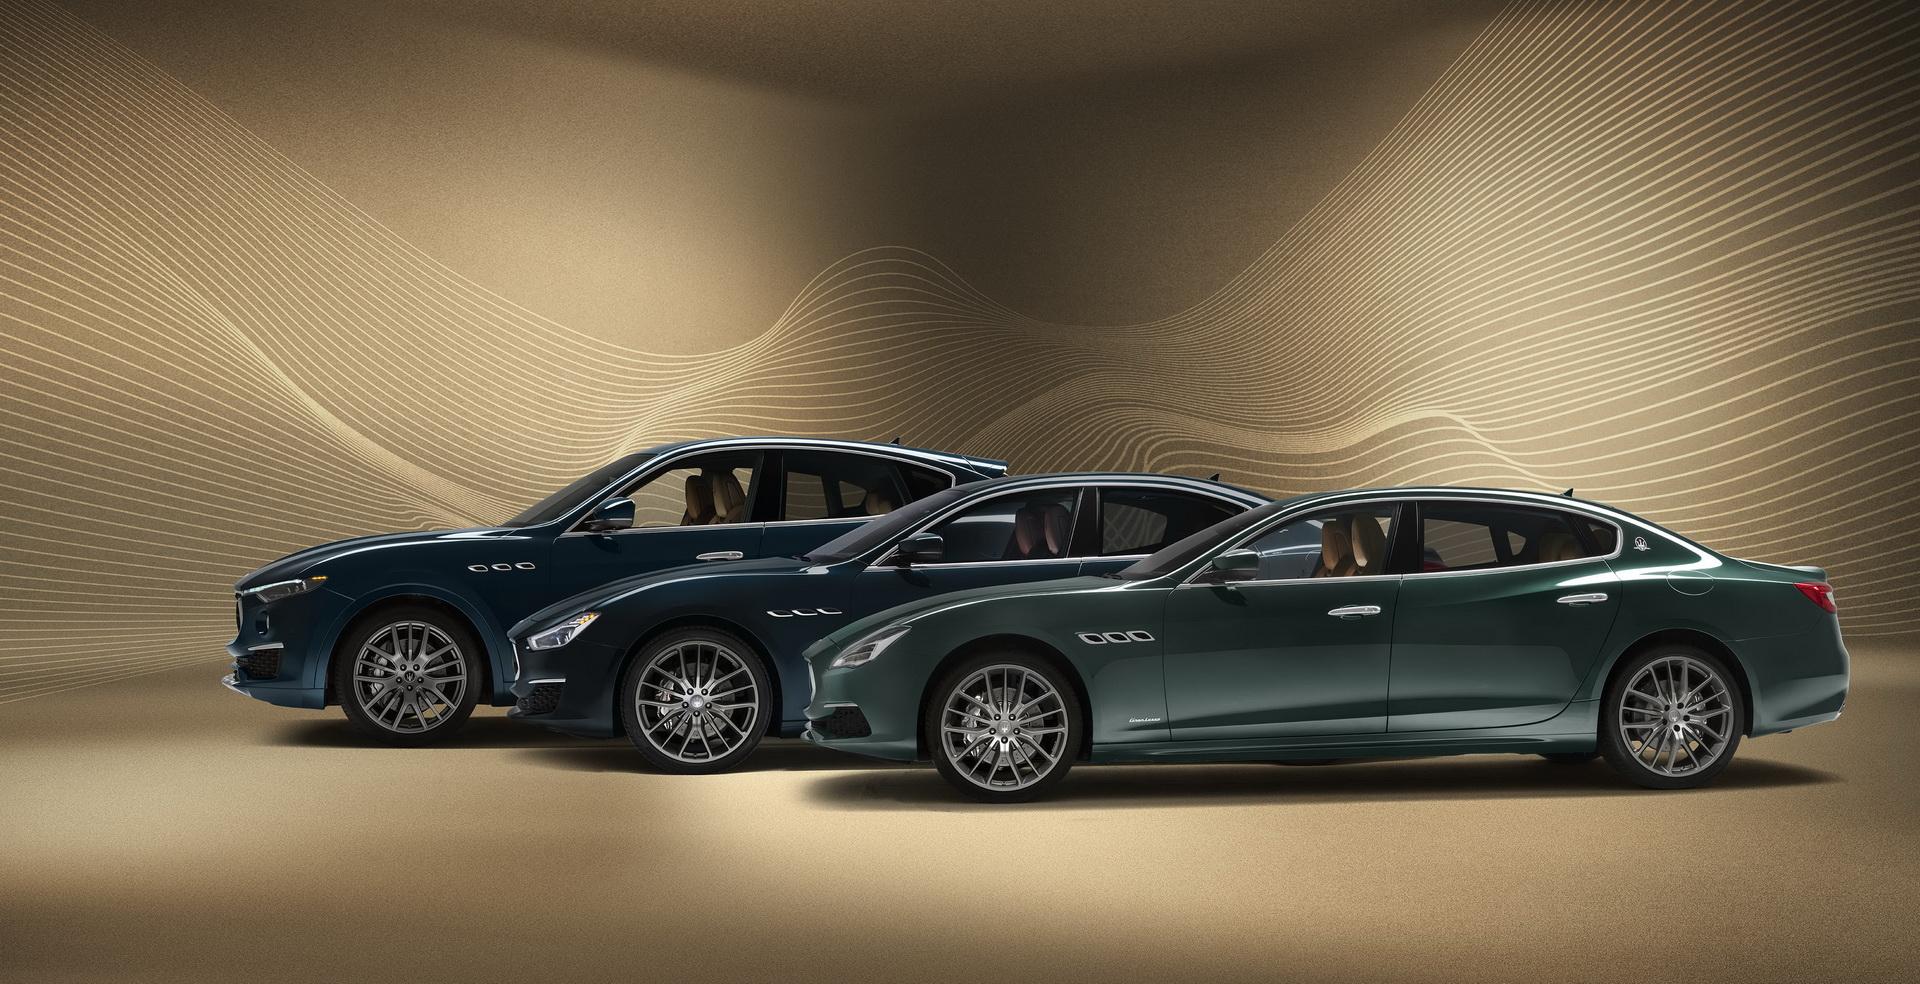 Maserati-Quattroporte-Levante-And-Ghibli-Royale-editions-4